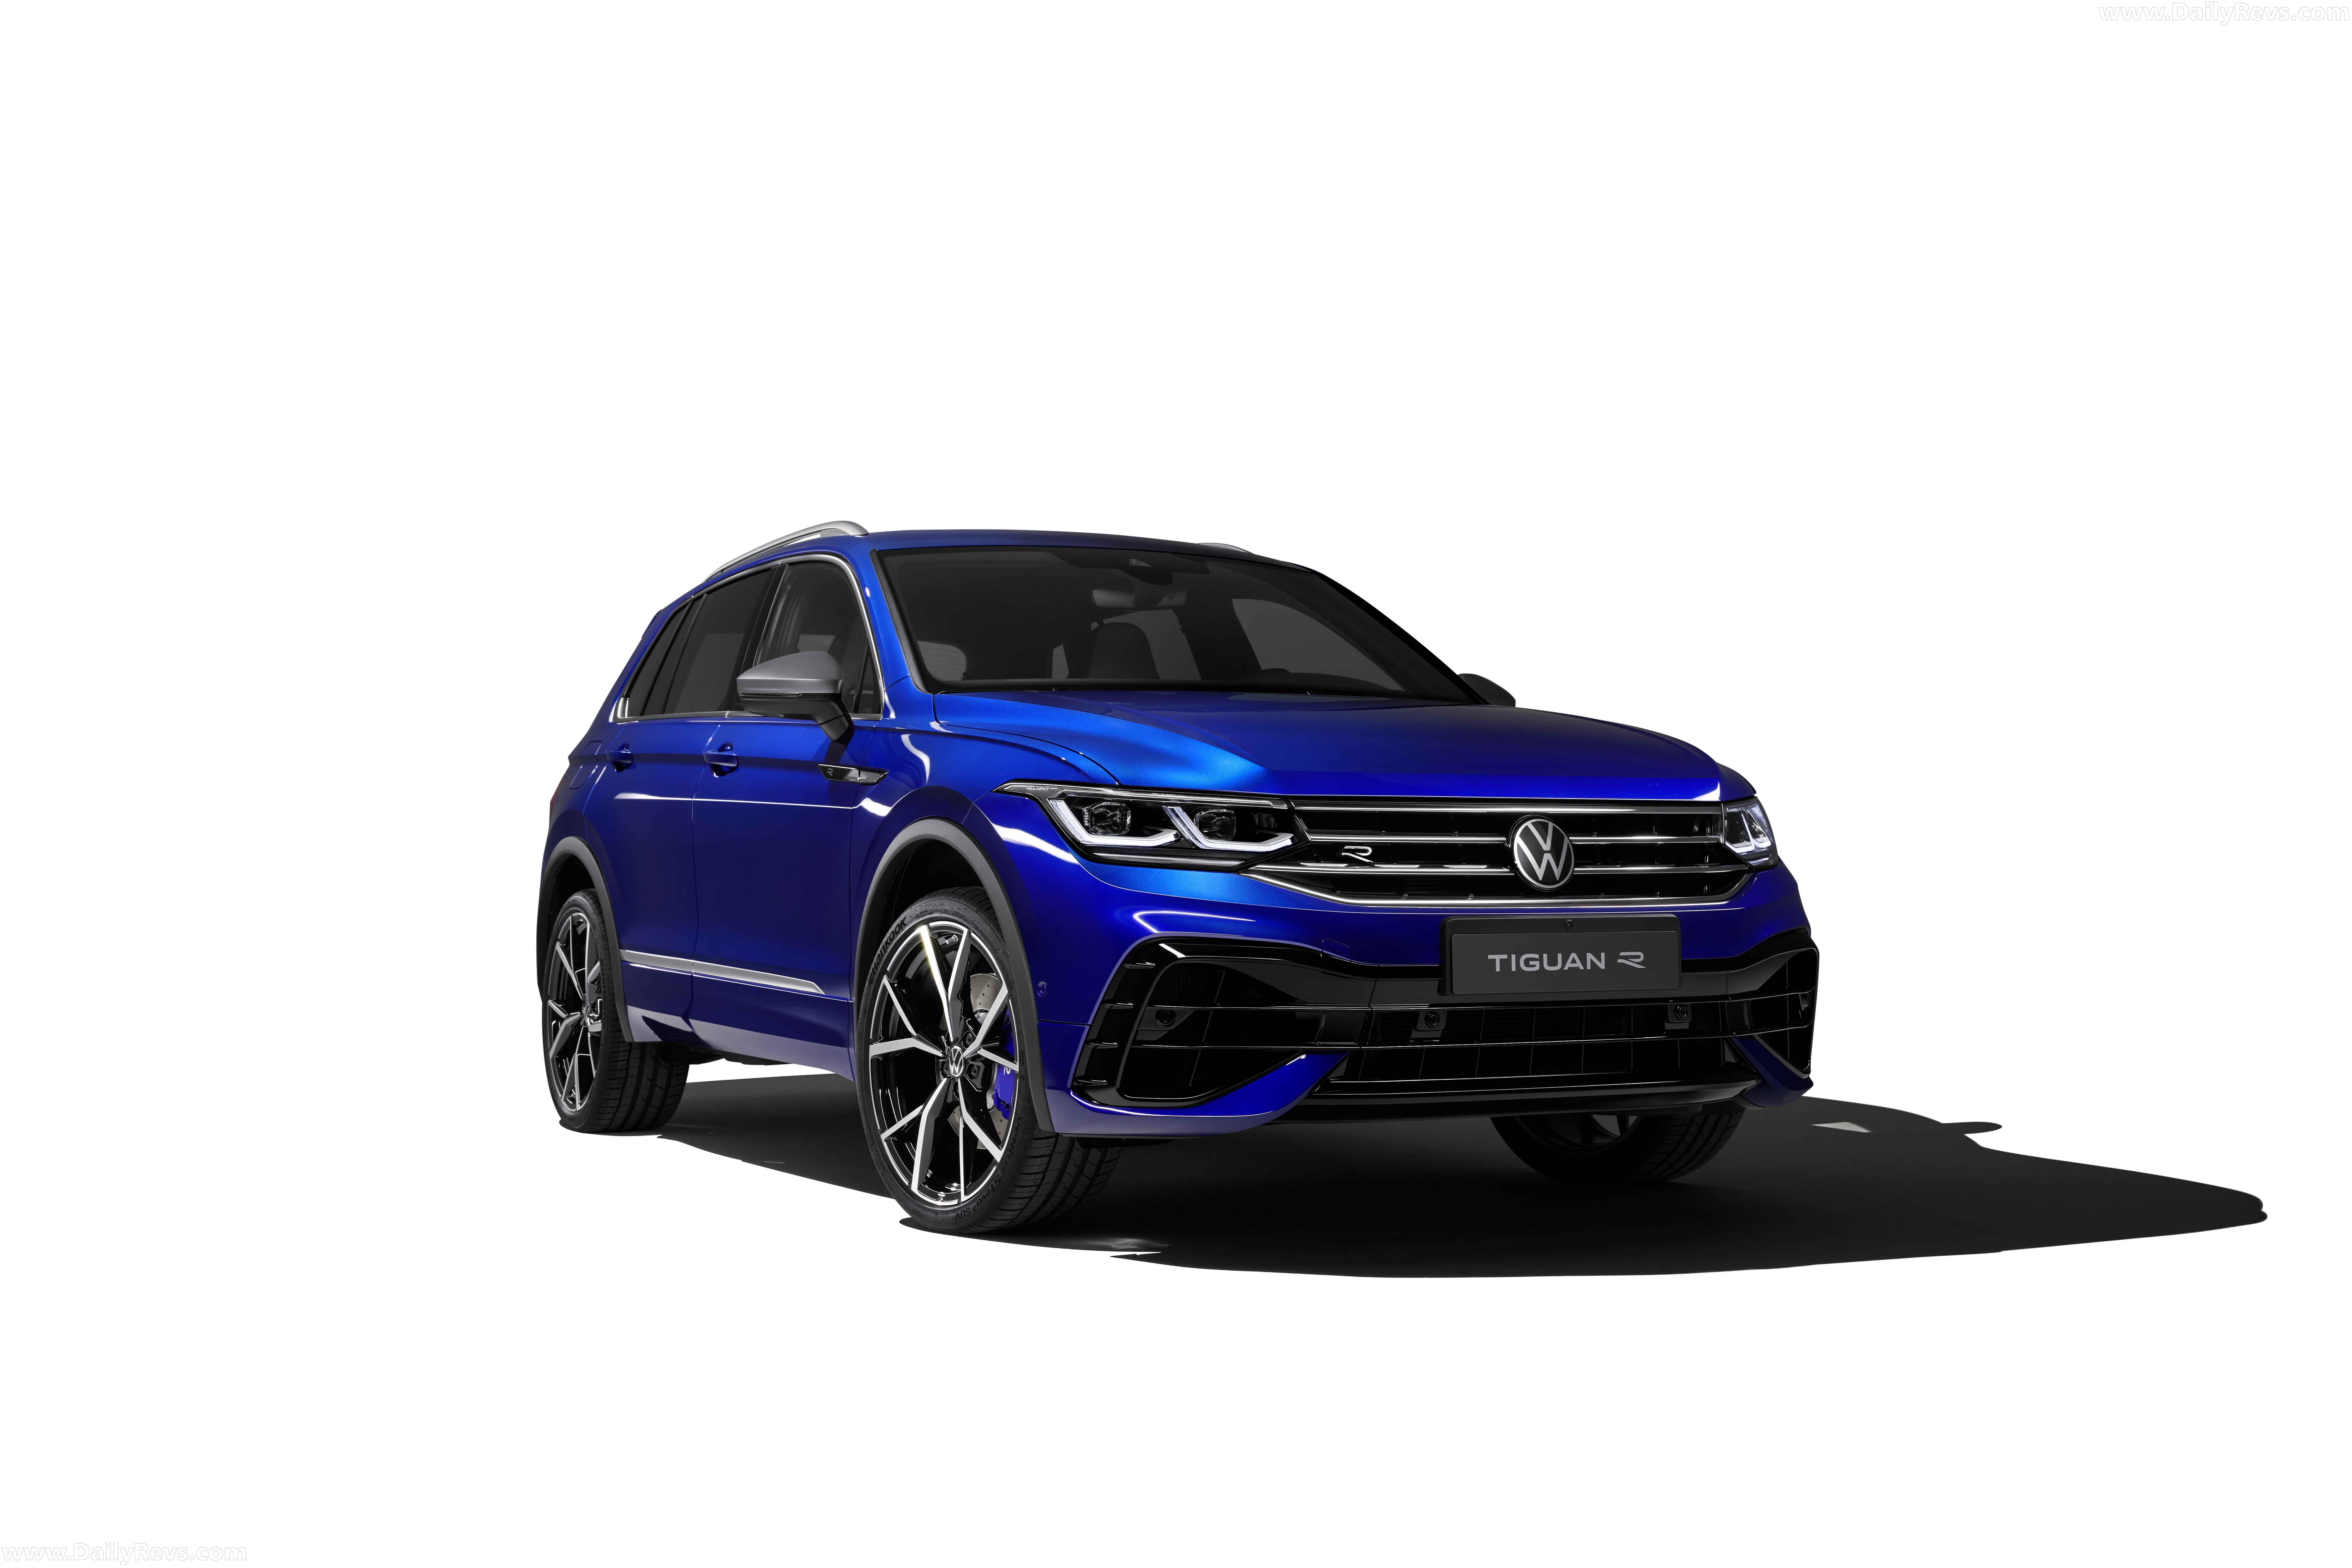 2021 Volkswagen Tiguan R - Dailyrevs